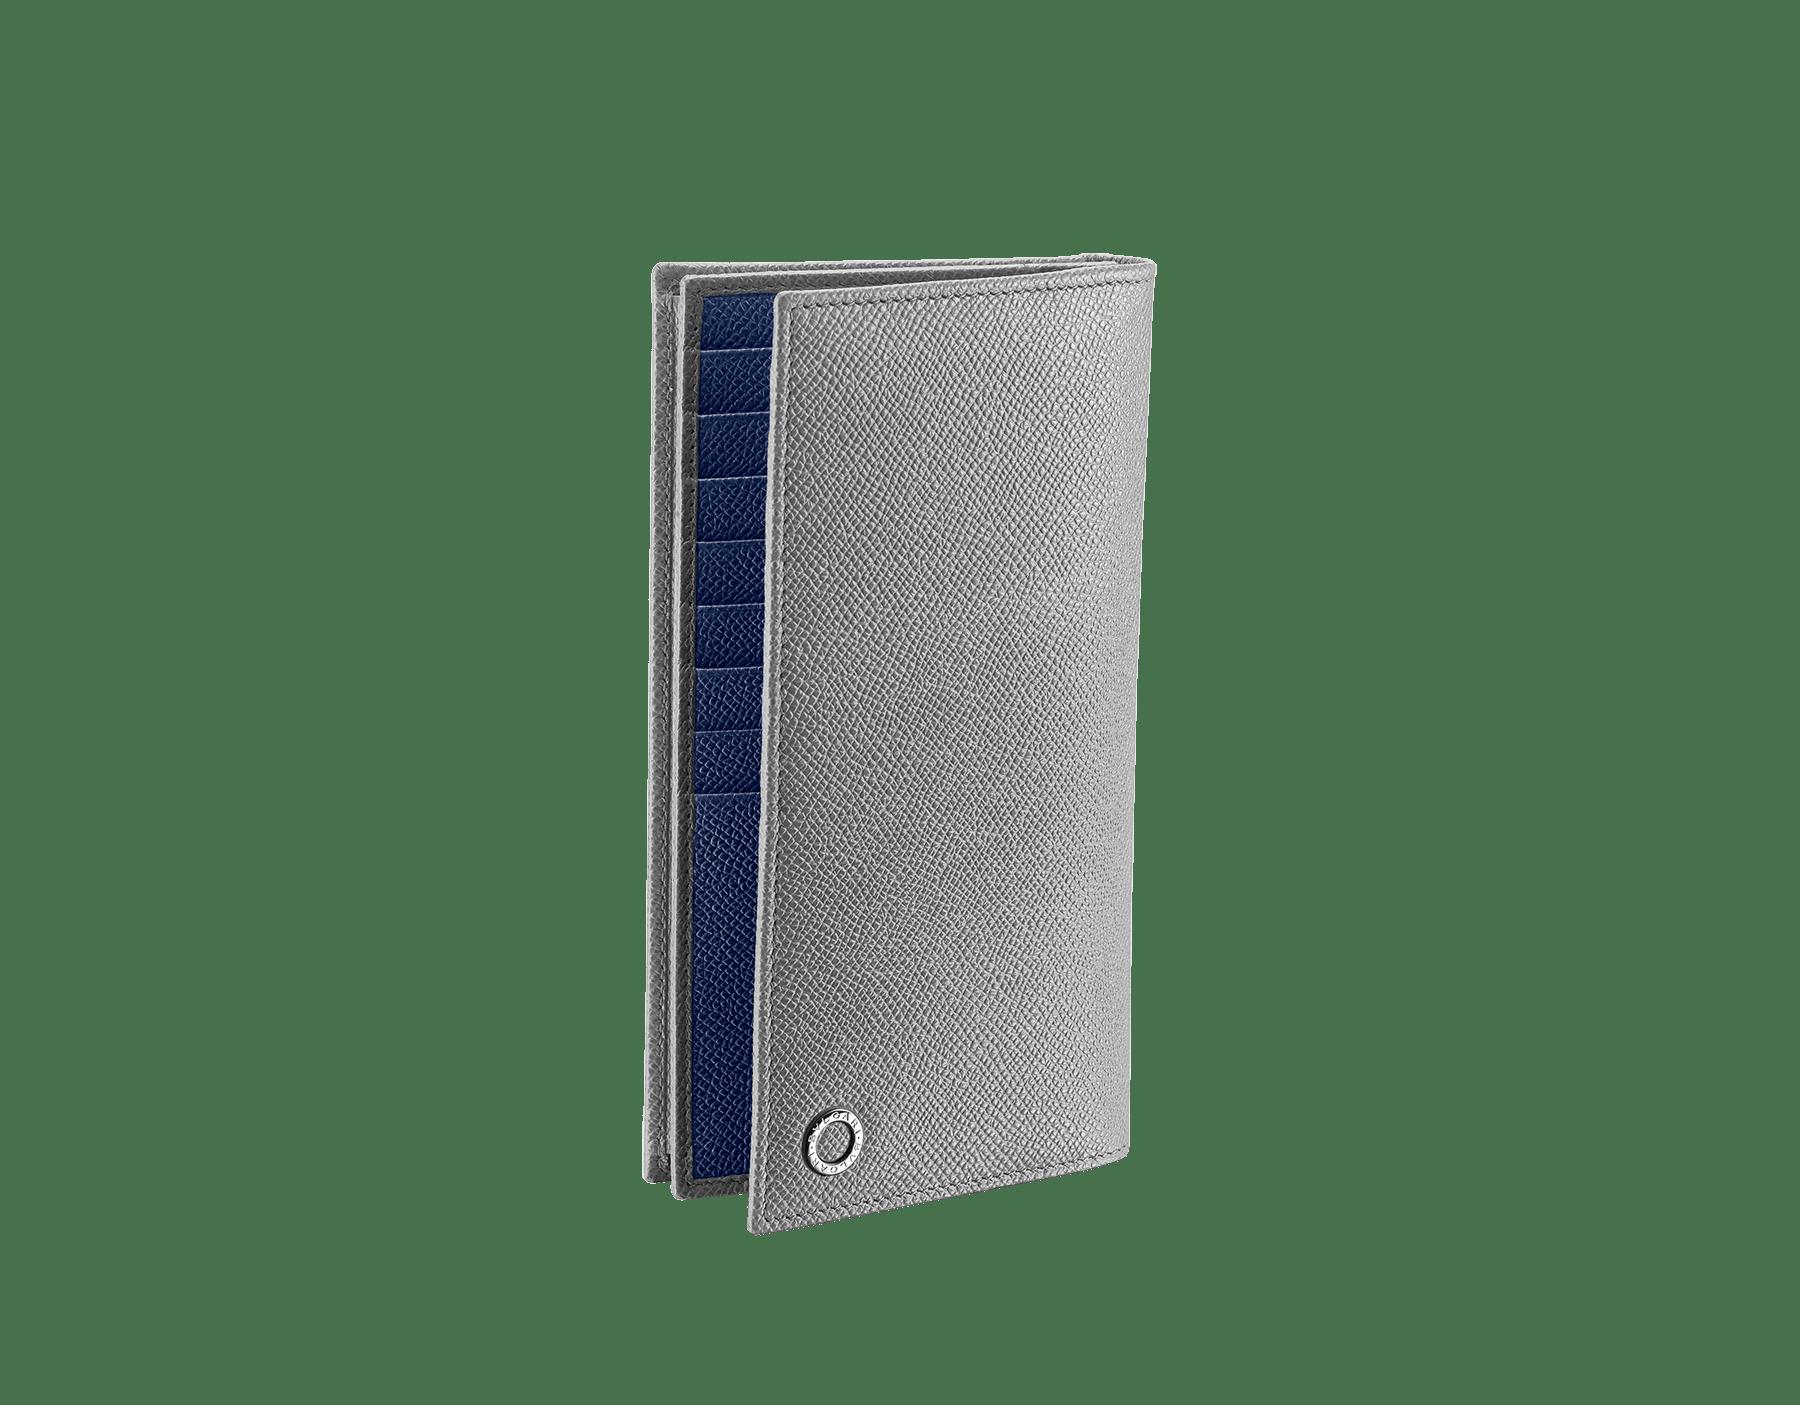 プルトストーングレーとデニムサファイアブルーのグレインカーフレザー製「ブルガリ・ブルガリ」ラージウォレット。 パラジウムプレートブラス製のアイコニックなロゴの装飾。 BBM-WLT-Y-ZP-16C-gcl image 1